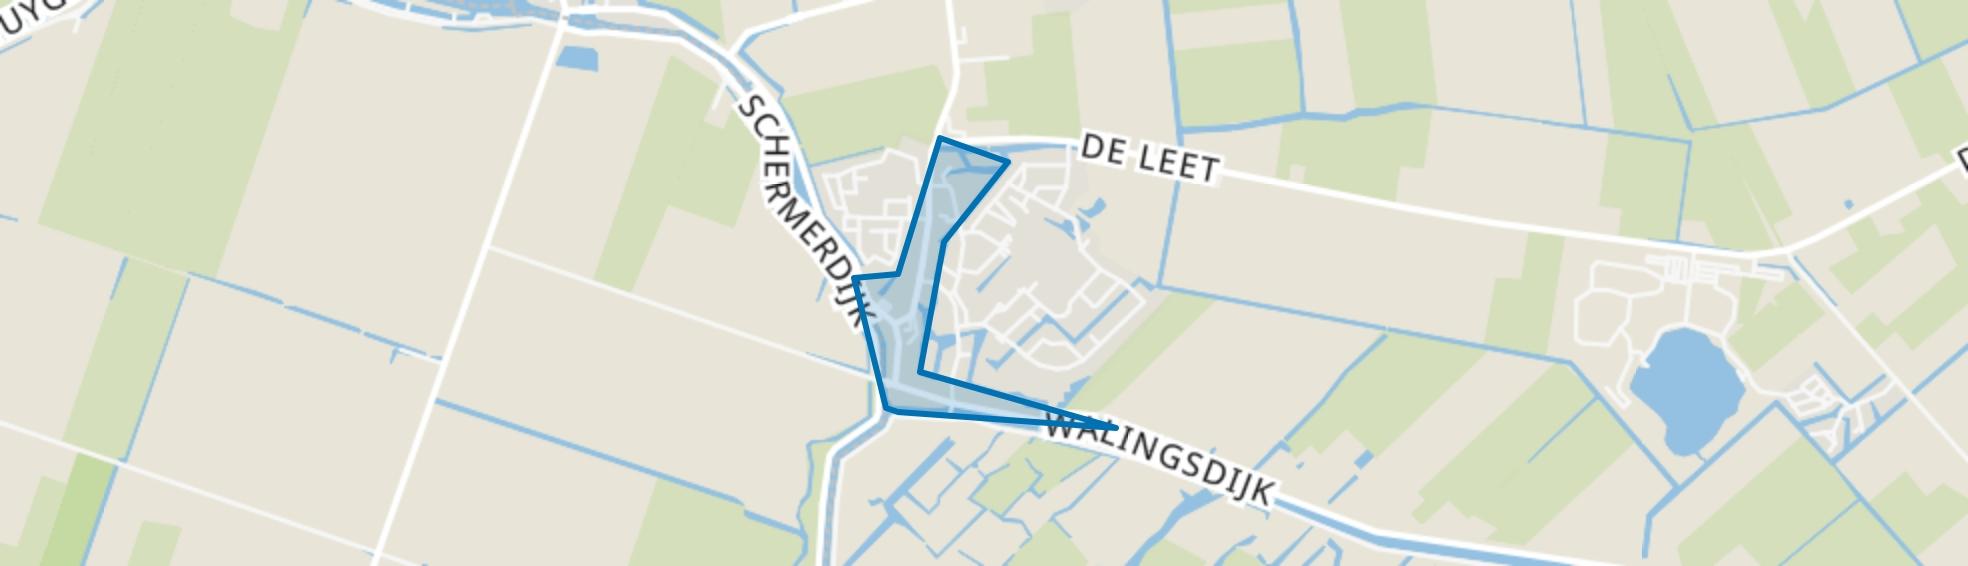 Drechterlandsedijk en omgeving, Ursem (Gem. Koggenland) map